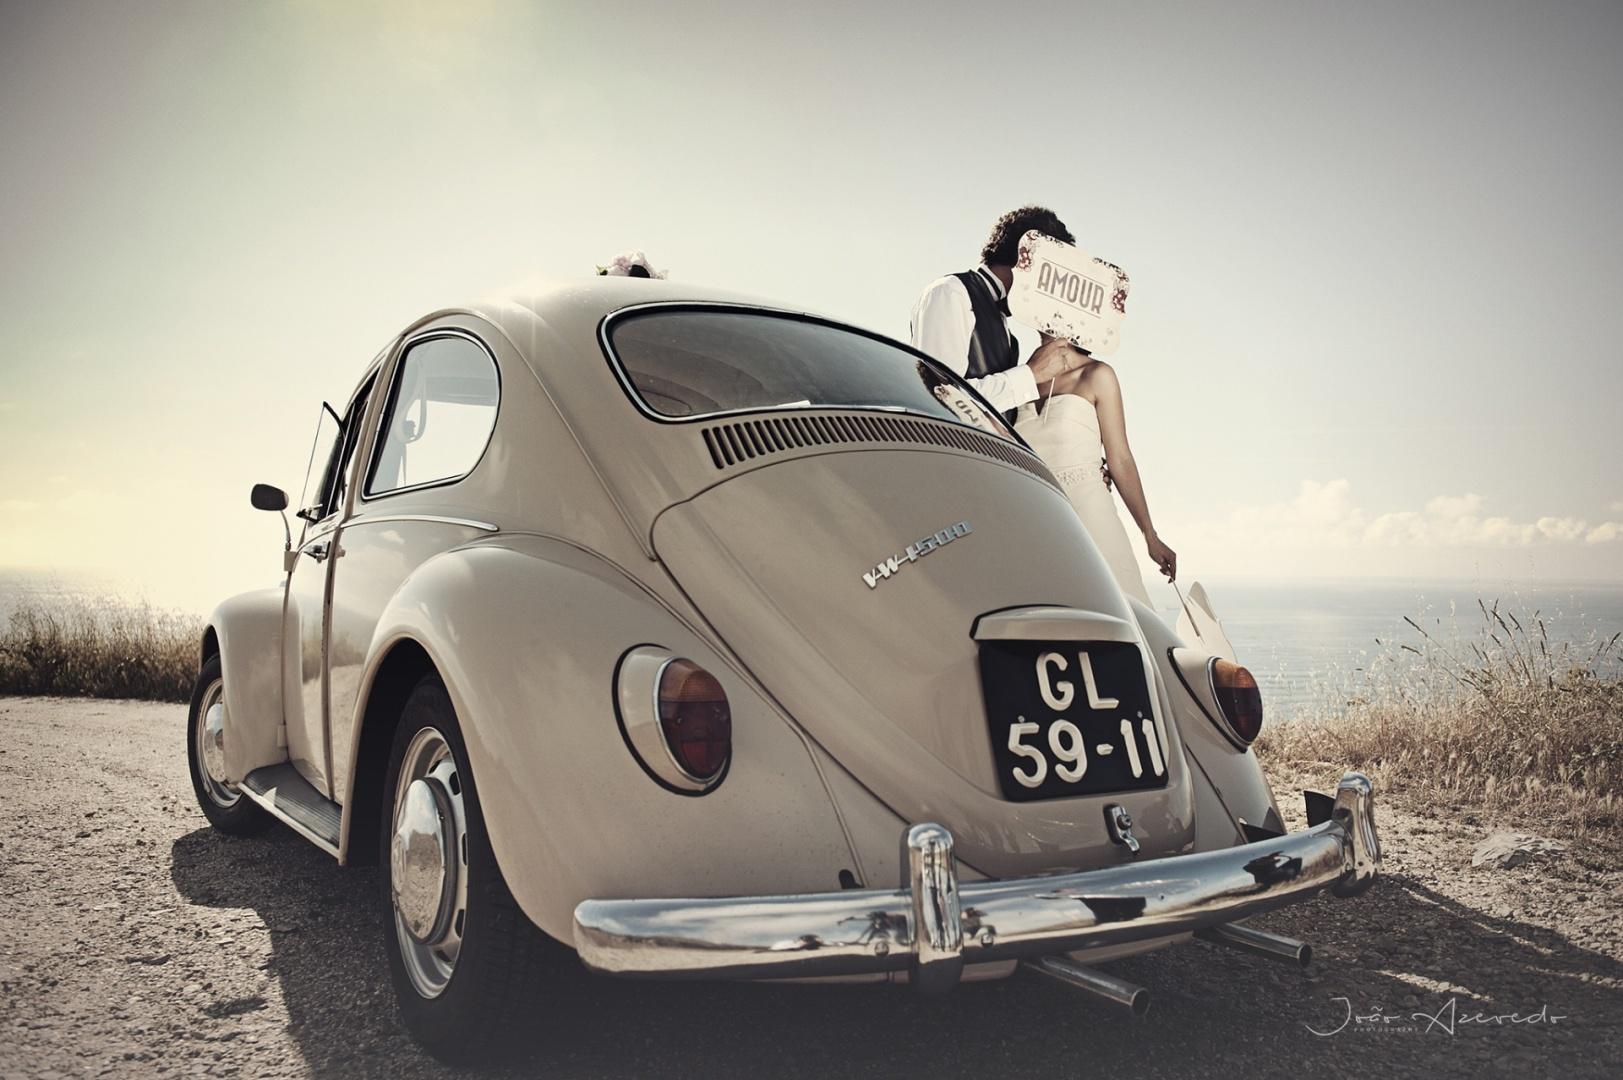 © João Azevedo - It's a fairytale II